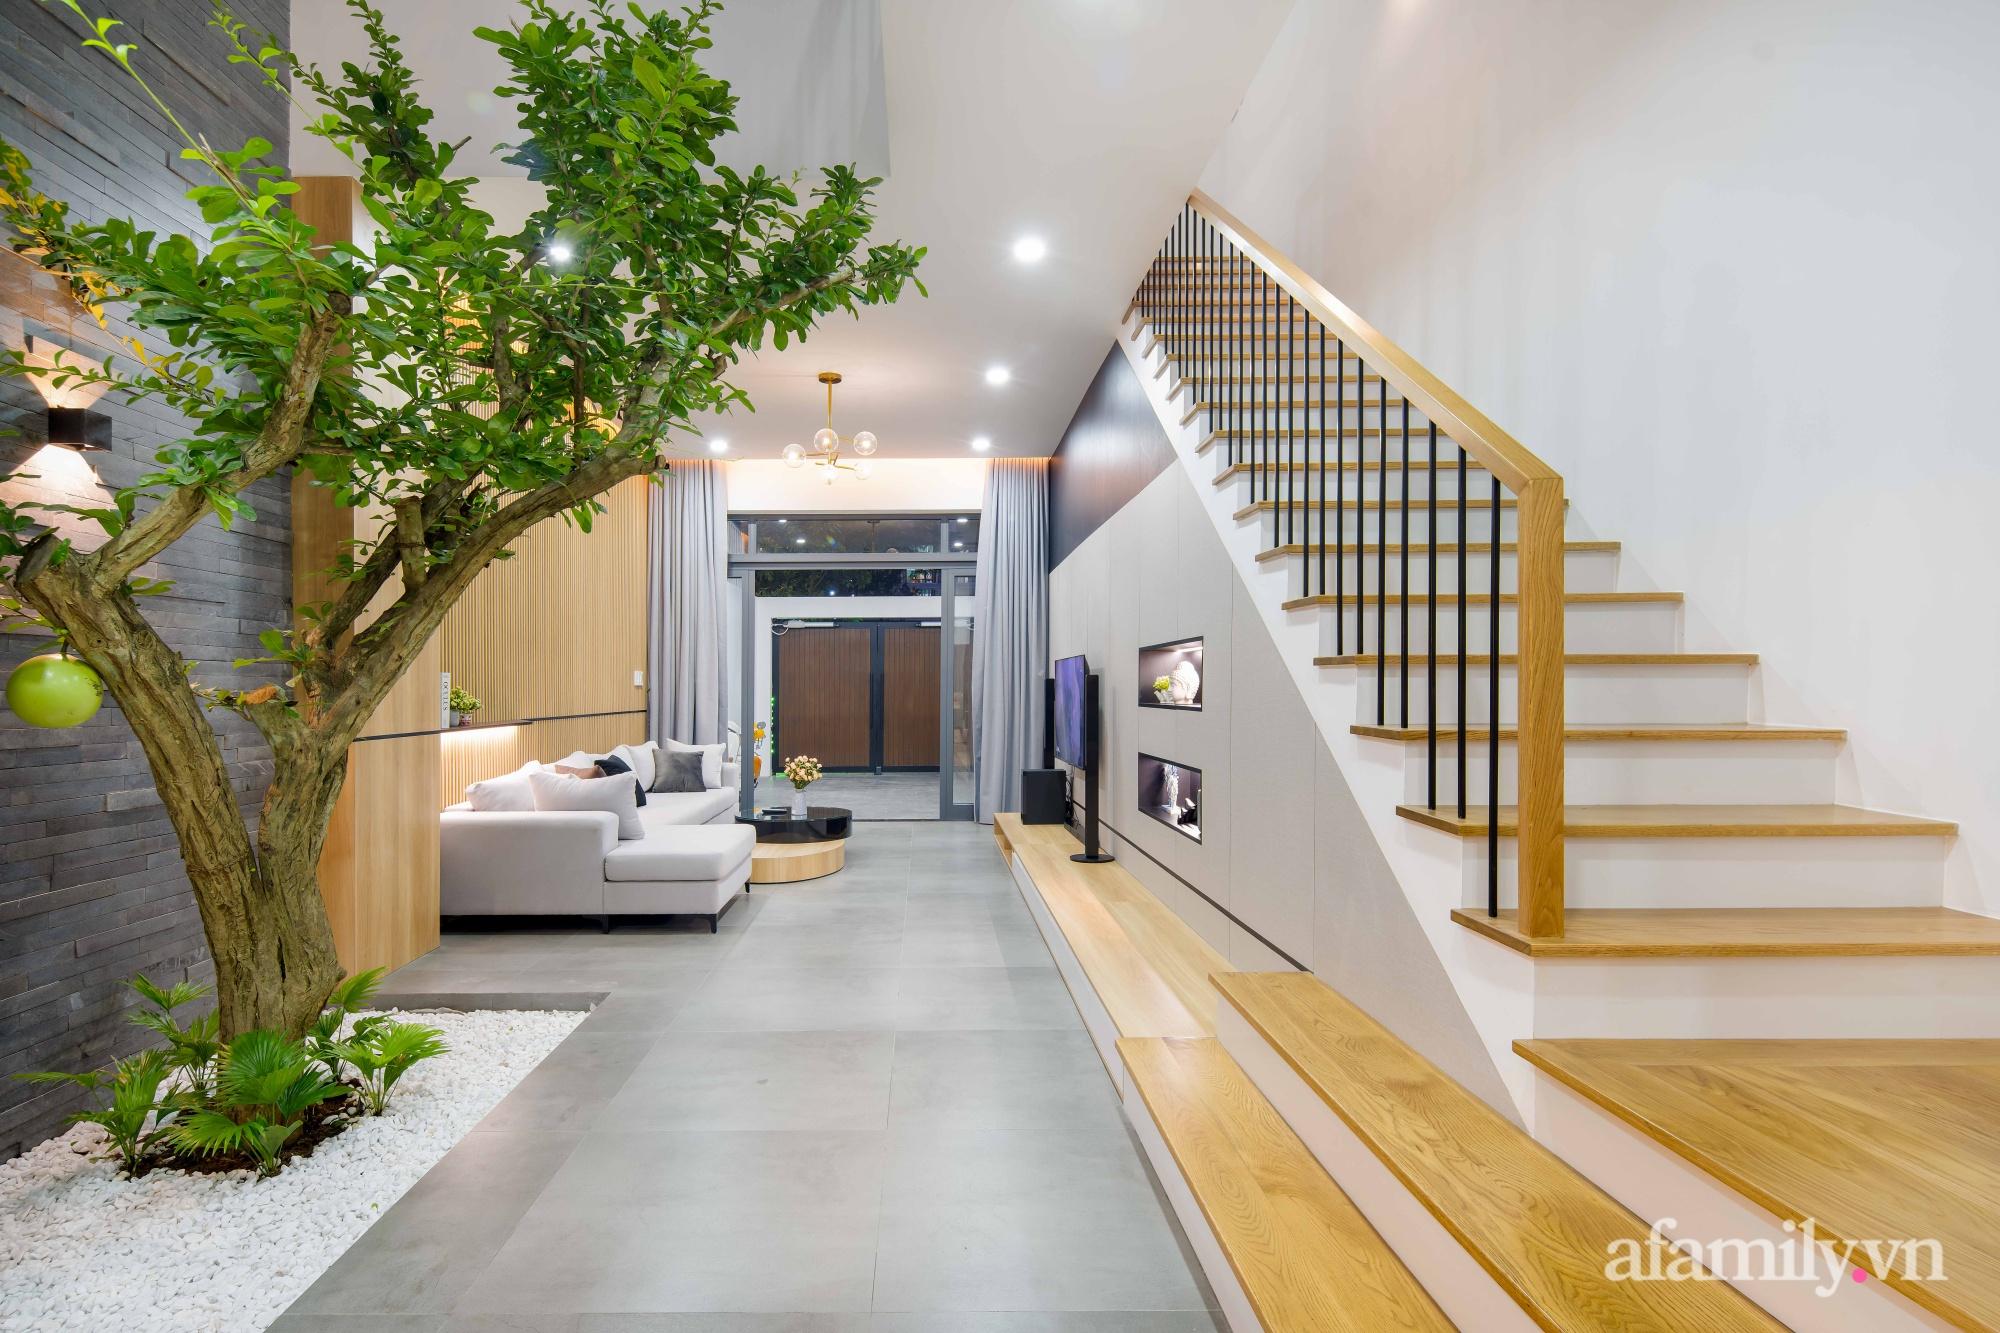 Nhà phố 3 tầng đẹp hiện đại với phong cách tối giản ngập tràn ánh sáng và cây xanh ở Đà Nẵng - Ảnh 7.